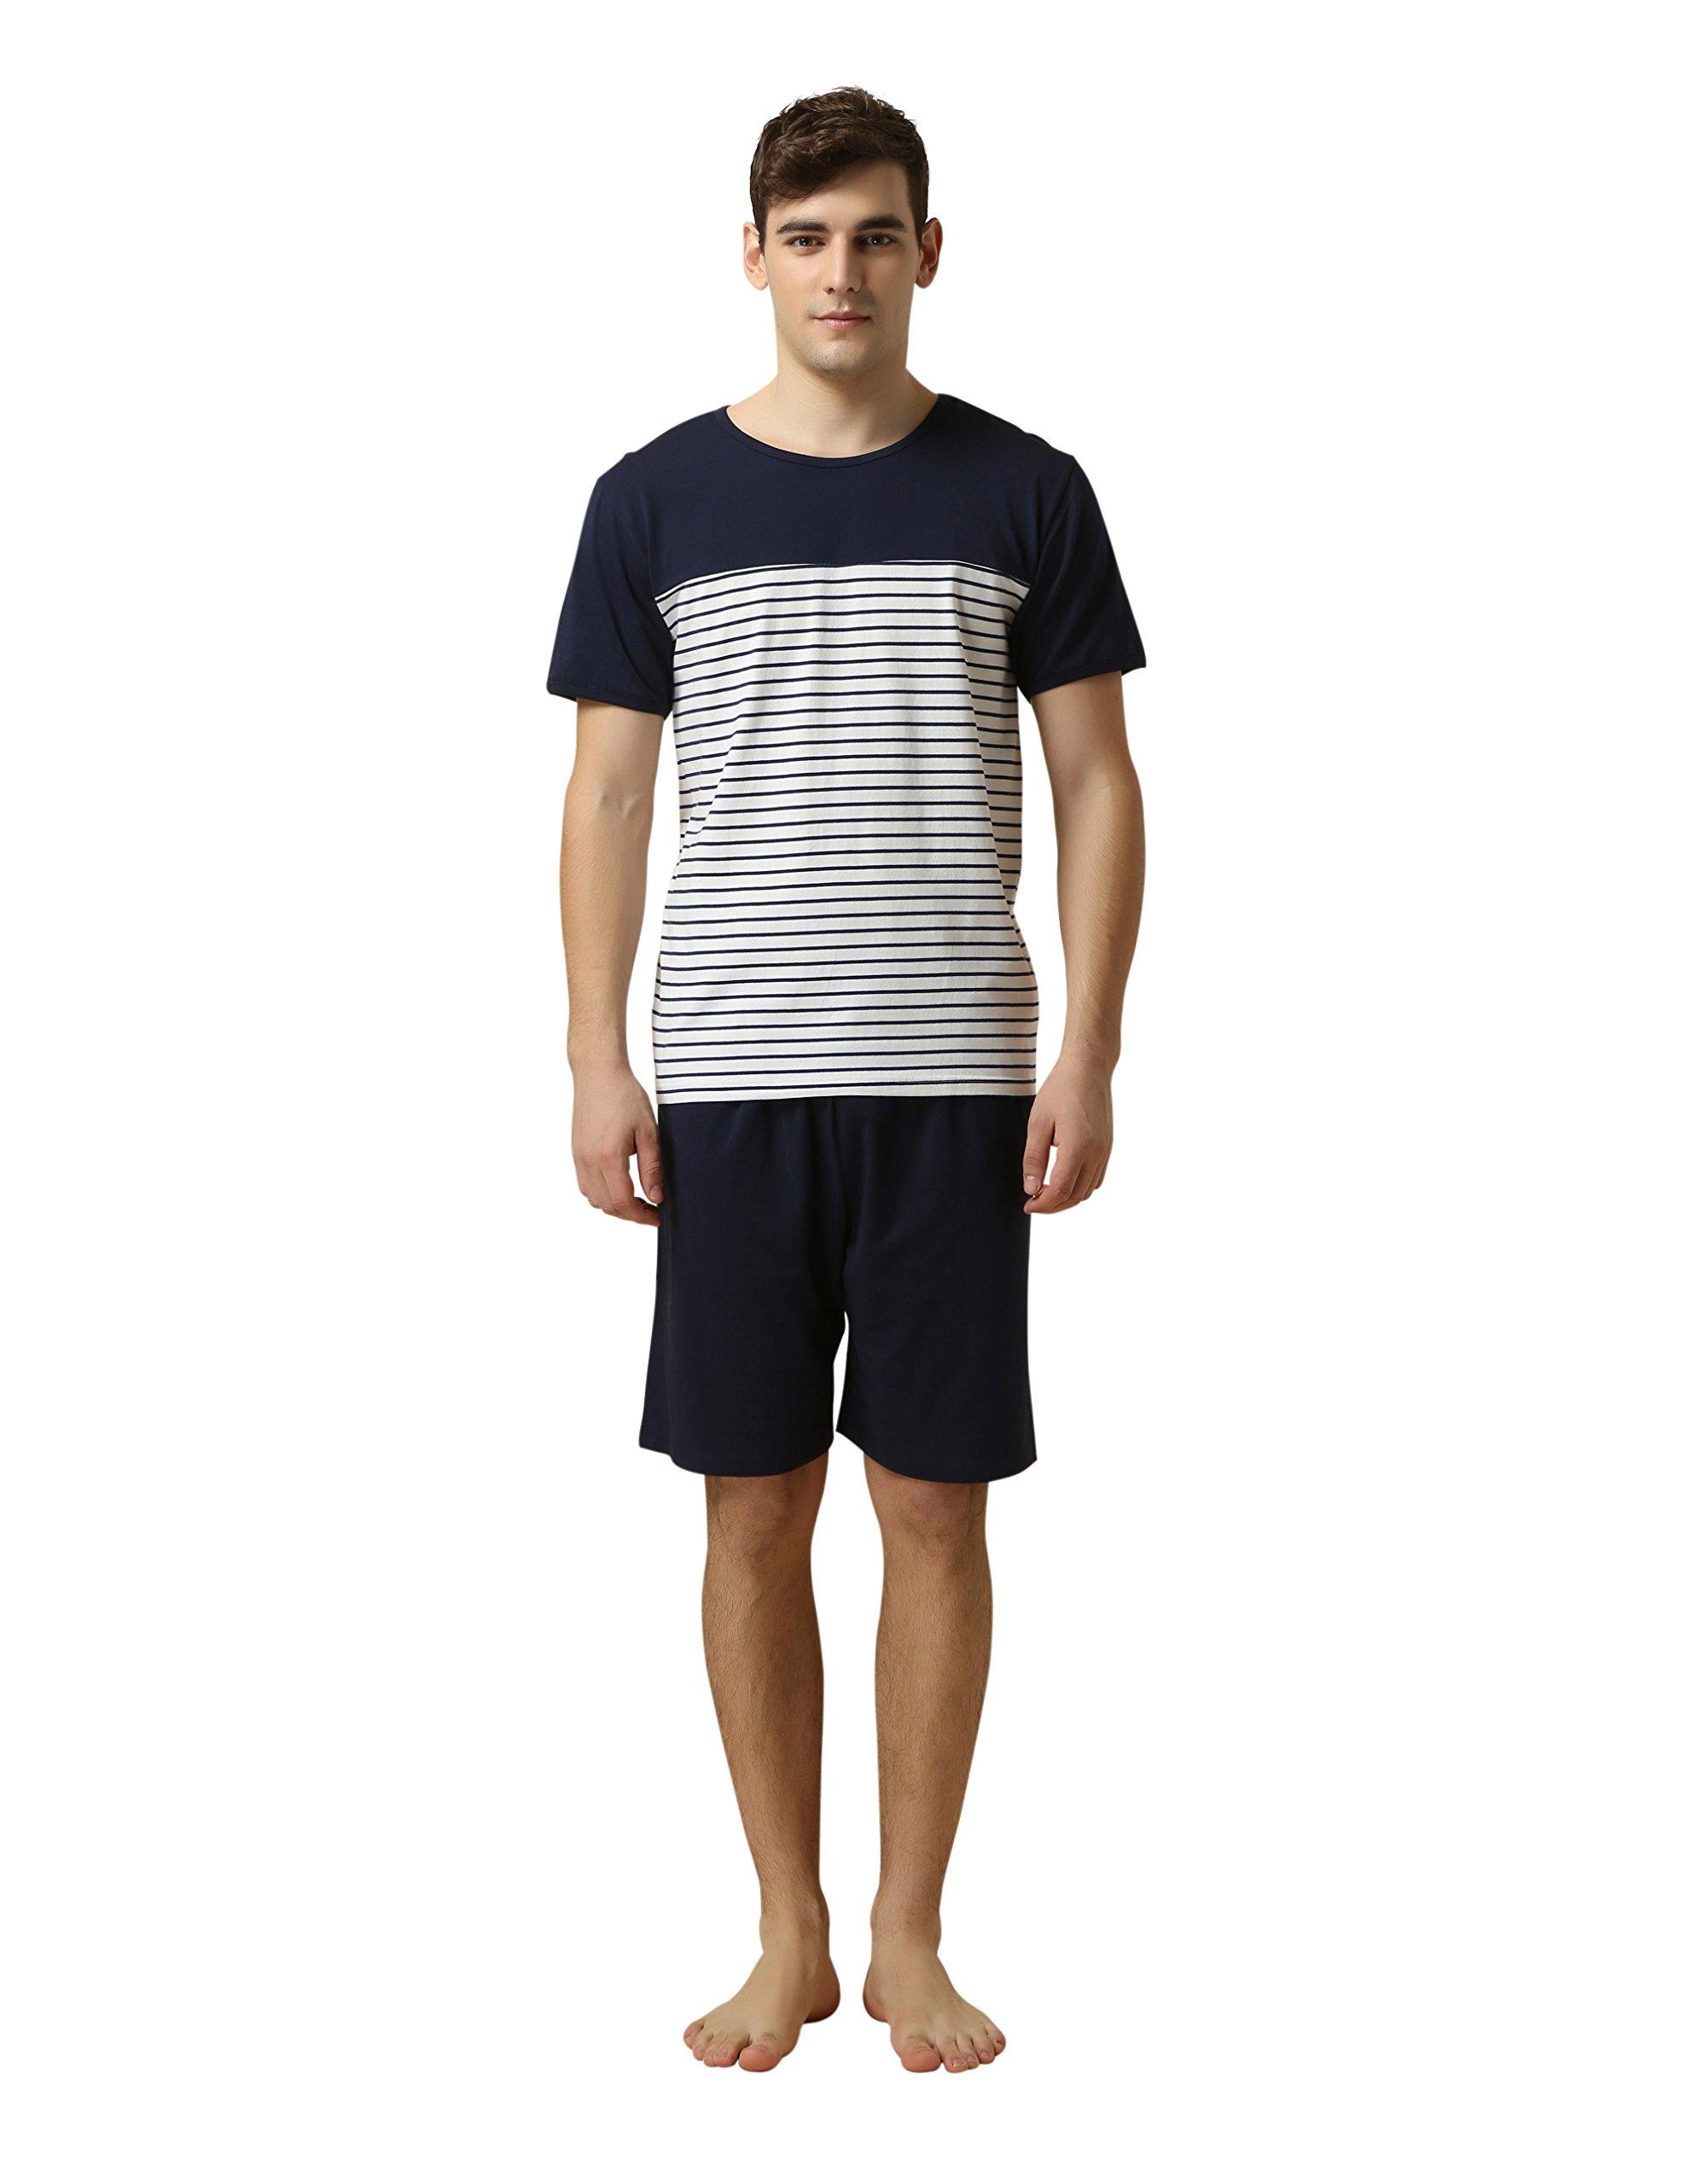 メンズパジャマ 半袖 部屋着 上下セット Tタイプ ルームウェア 寝間着ポケット付 ストライプ 便利服